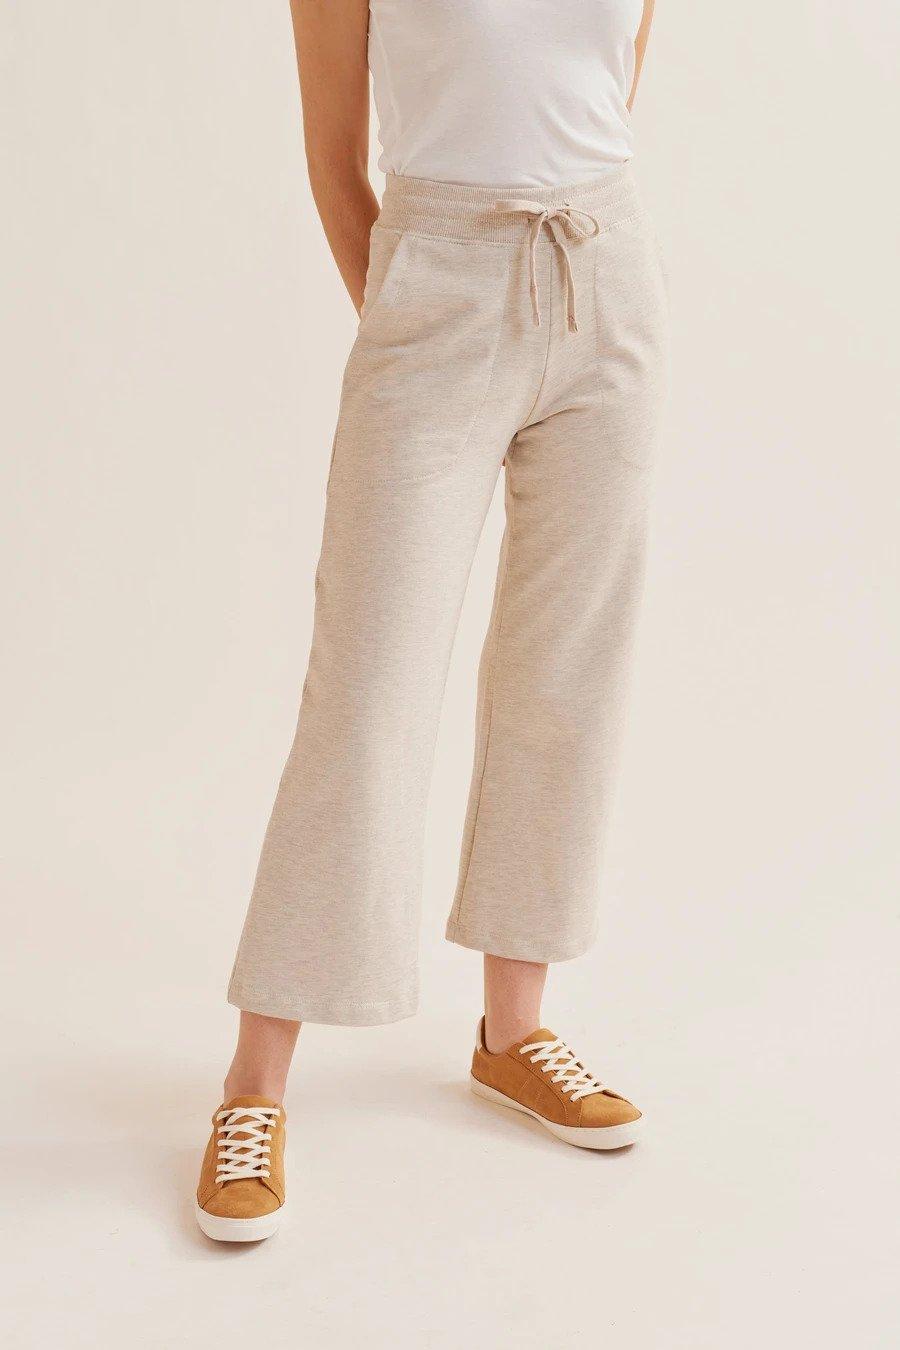 KOTN culotte sweatpants in Oat Melange